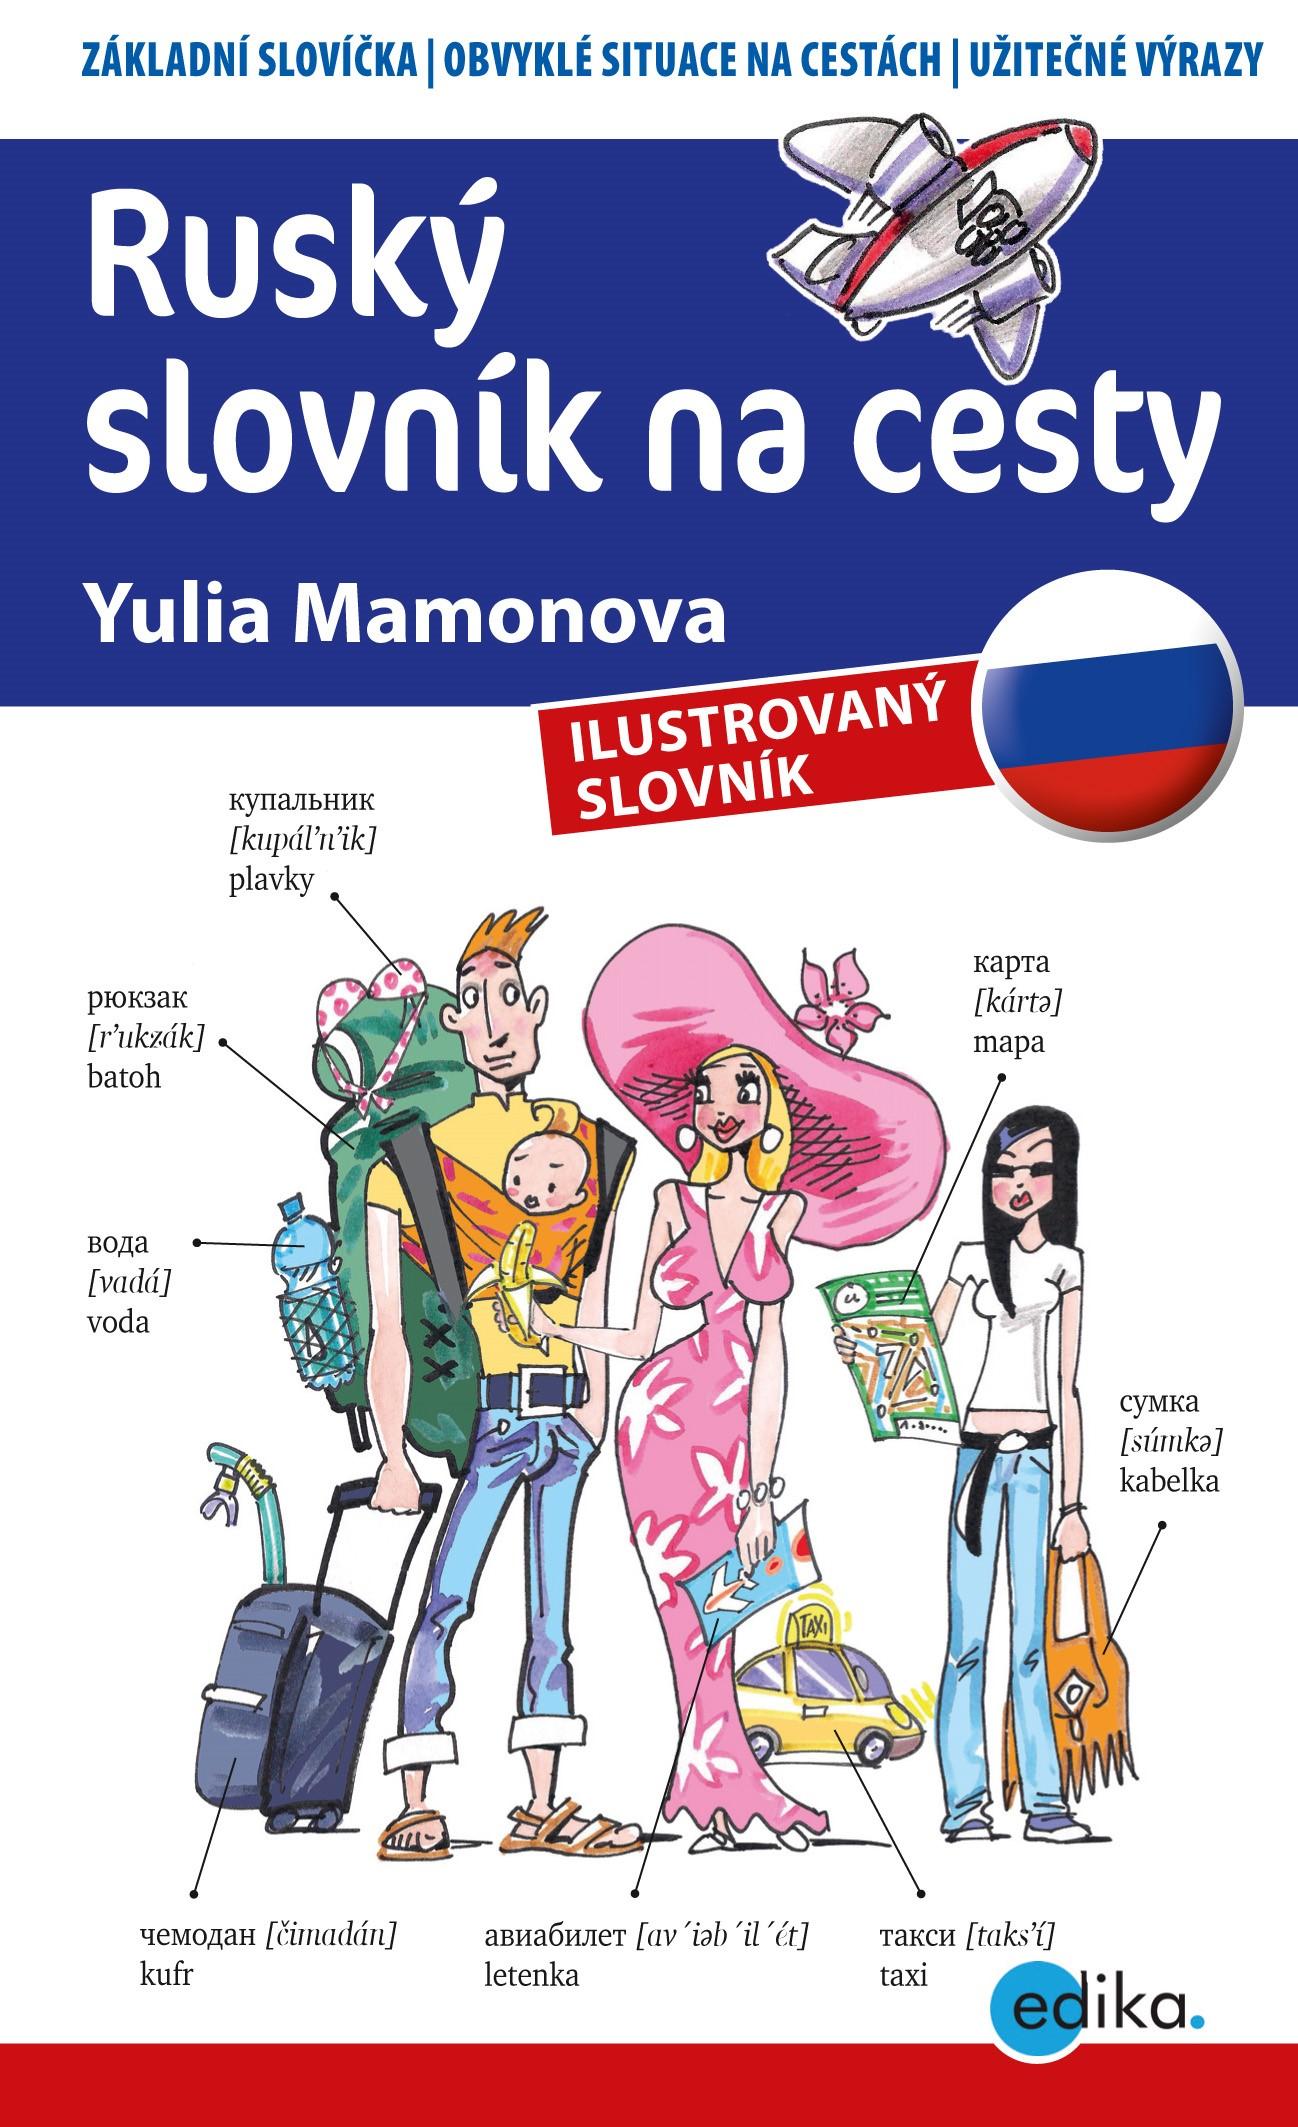 Ruský slovník na cesty | Yulia Mamonova